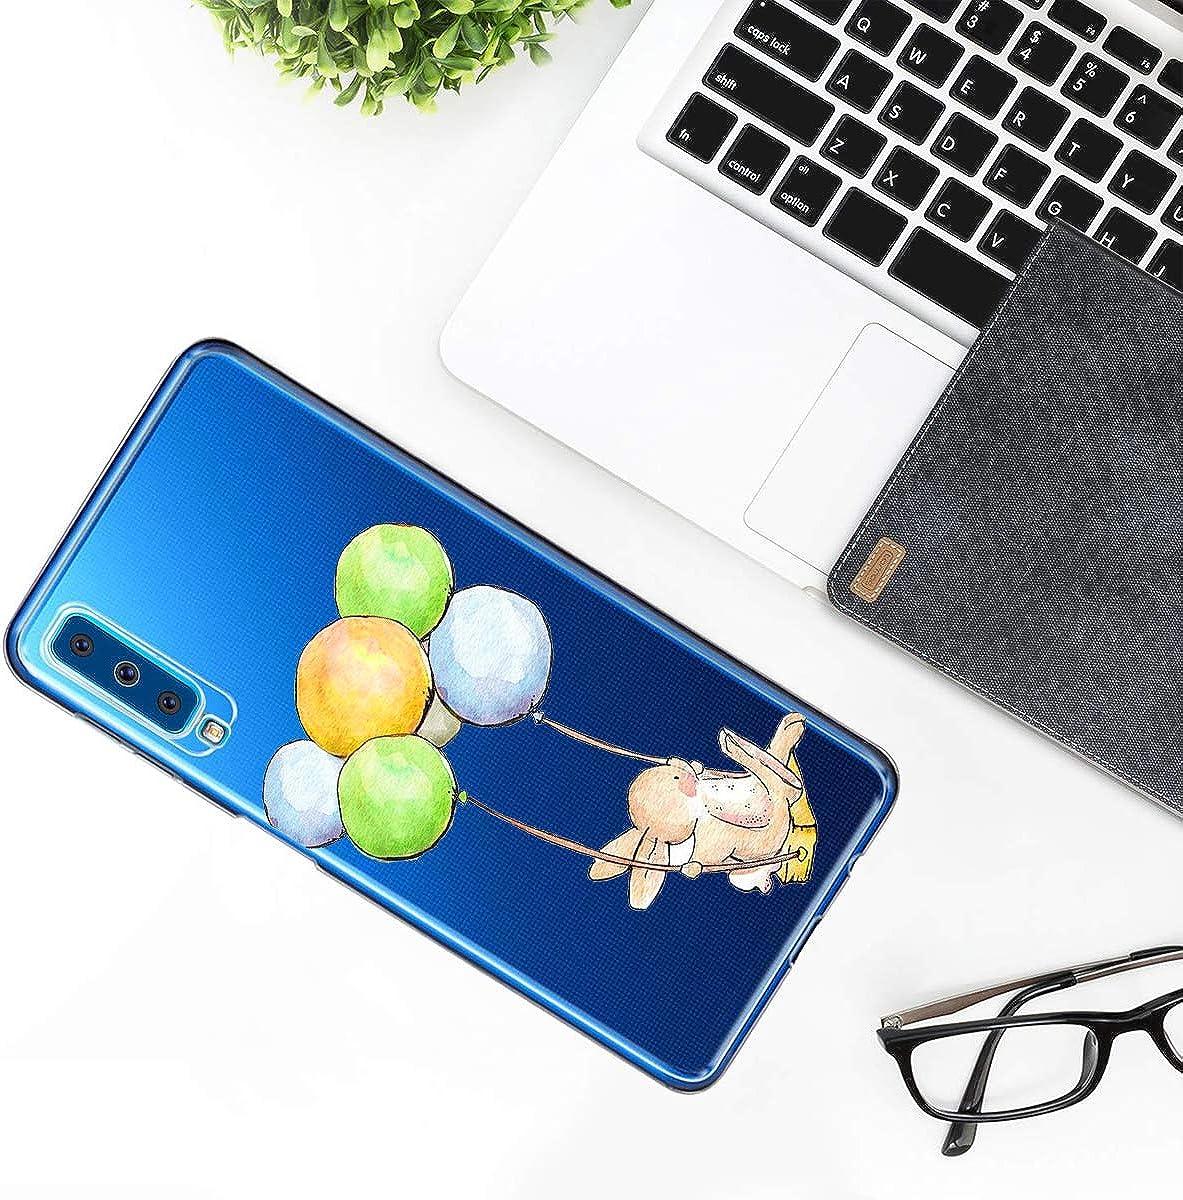 Case Kompatibel mit Samsung Galaxy A9 2018 H/ülle Transparent Kristall HandyH/ülle Ultraslim Weich Silikon Tier case Sto/ßfest Anti-Kratzen Schutzh/ülle Bumper Cover f/ür Samsung Galaxy A9 2018